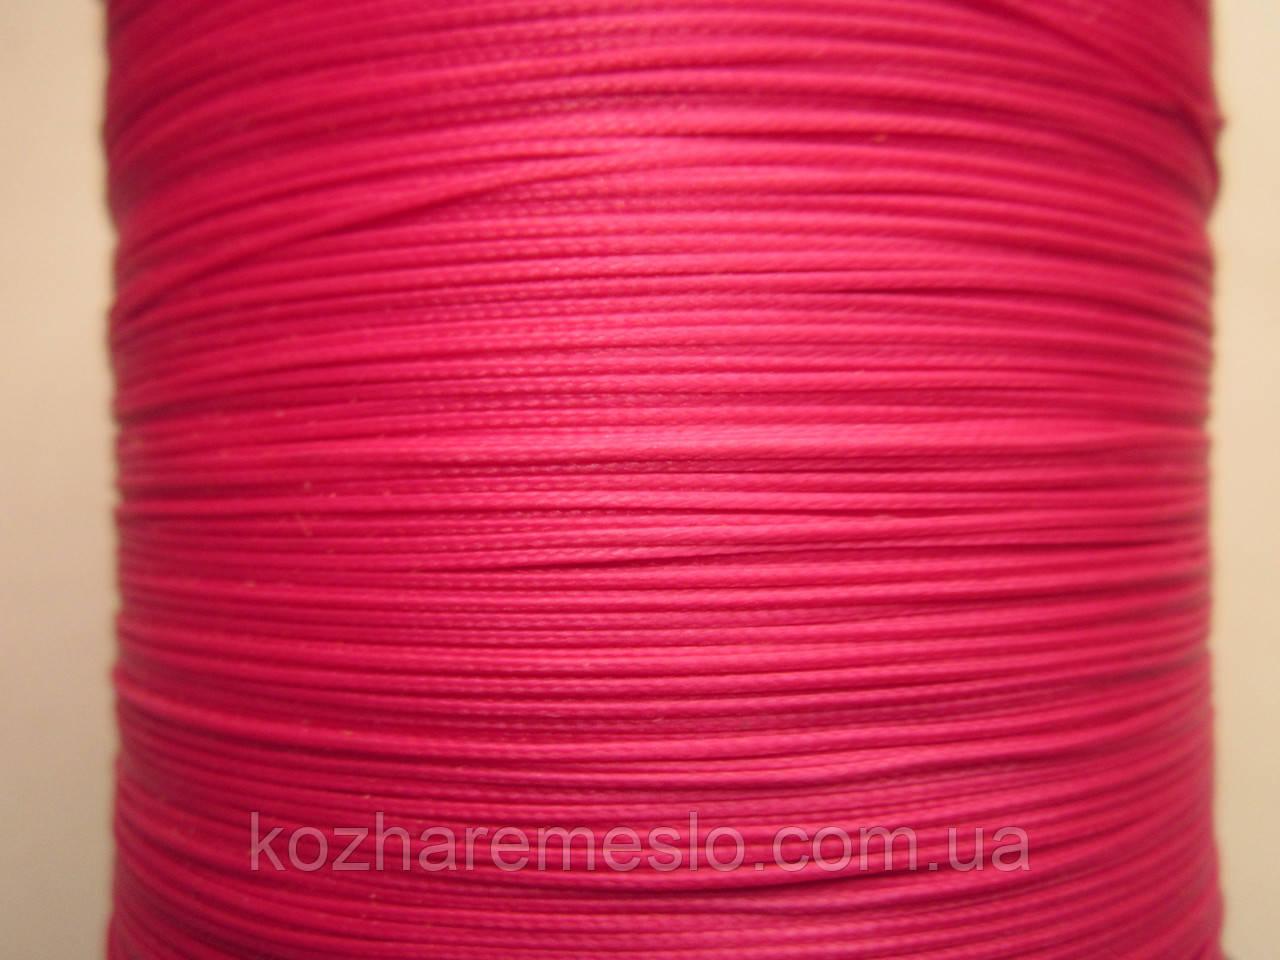 Нить полувощёная плетёная 0,8 мм фуксия ИТАЛИЯ